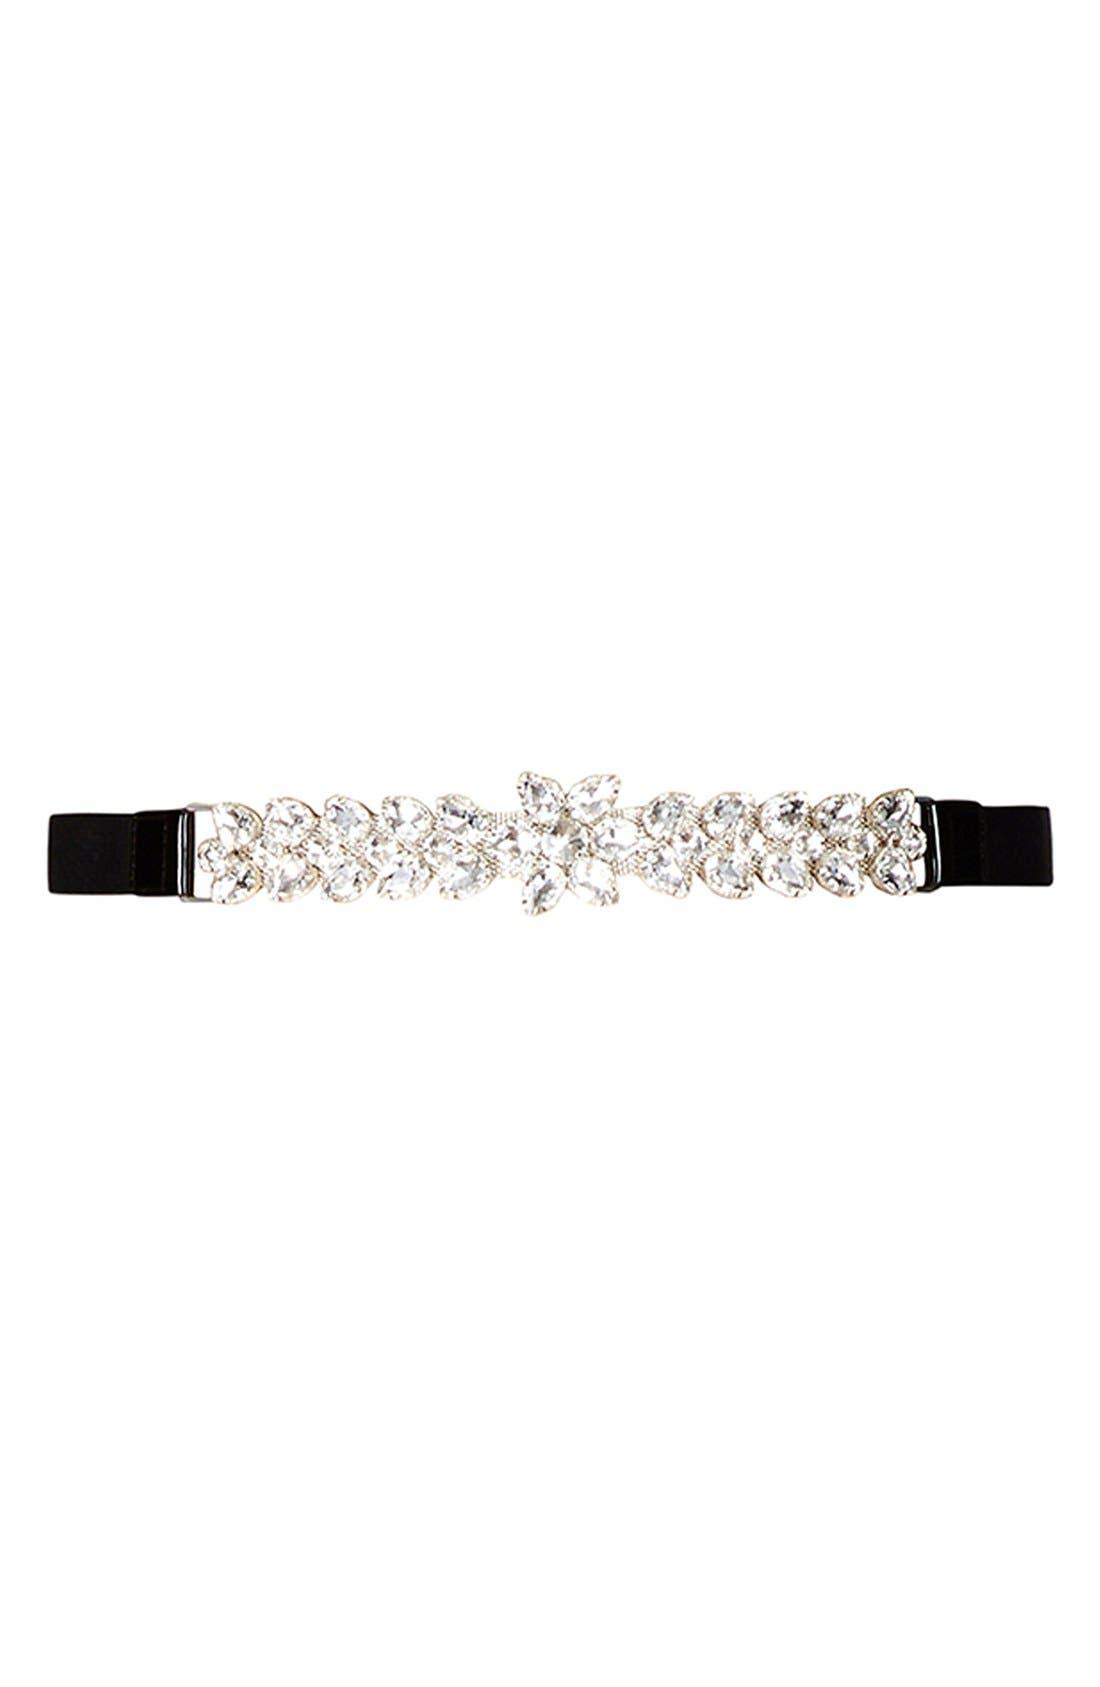 Main Image - City Chic 'Embellishment' Belt (Plus Size)